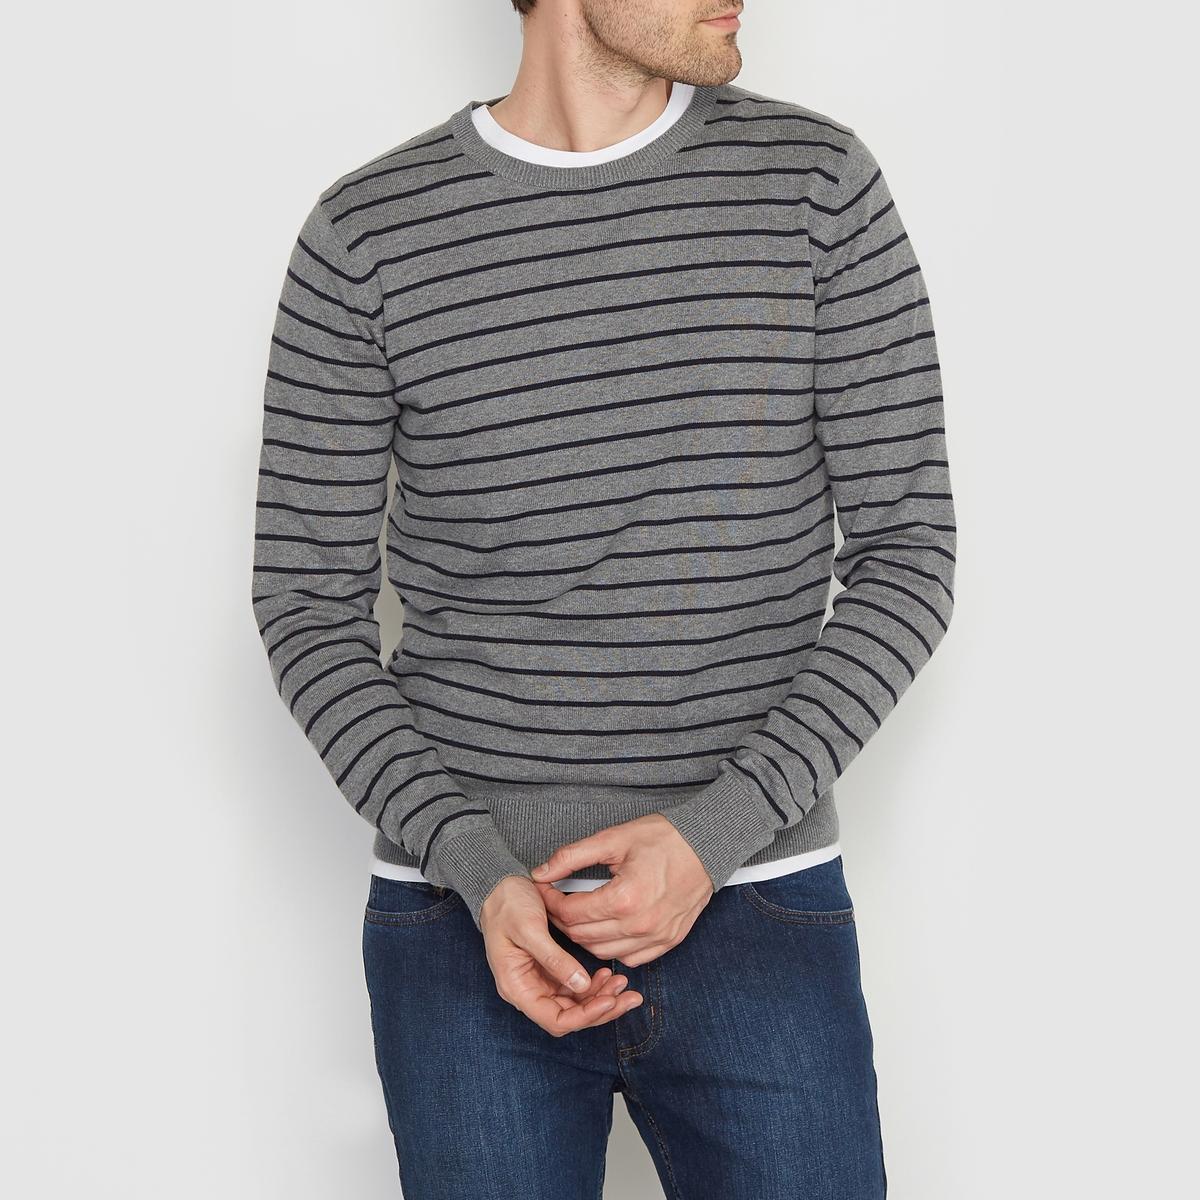 Пуловер в полоску 100% хлопокСостав &amp; ДеталиМатериал : 100% хлопкаМарка : R essentiel.<br><br>Цвет: темно-синий в полоску серый меланж<br>Размер: 3XL